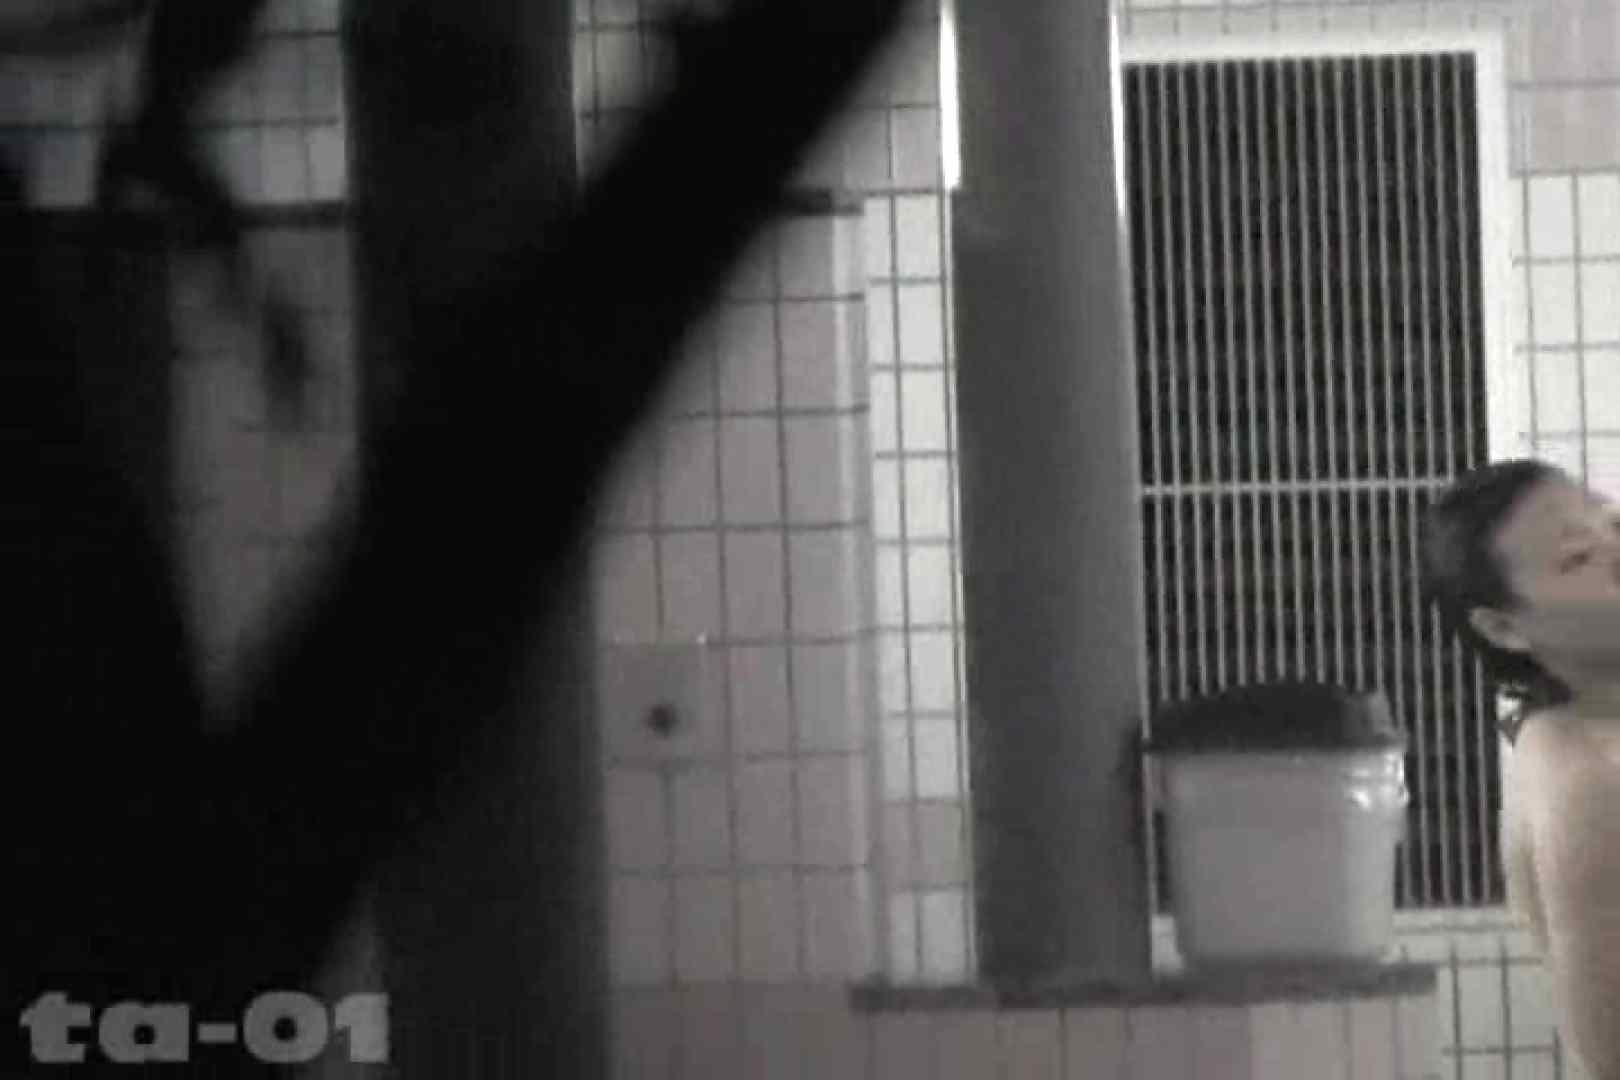 合宿ホテル女風呂盗撮高画質版 Vol.01 OLハメ撮り  22Pix 9